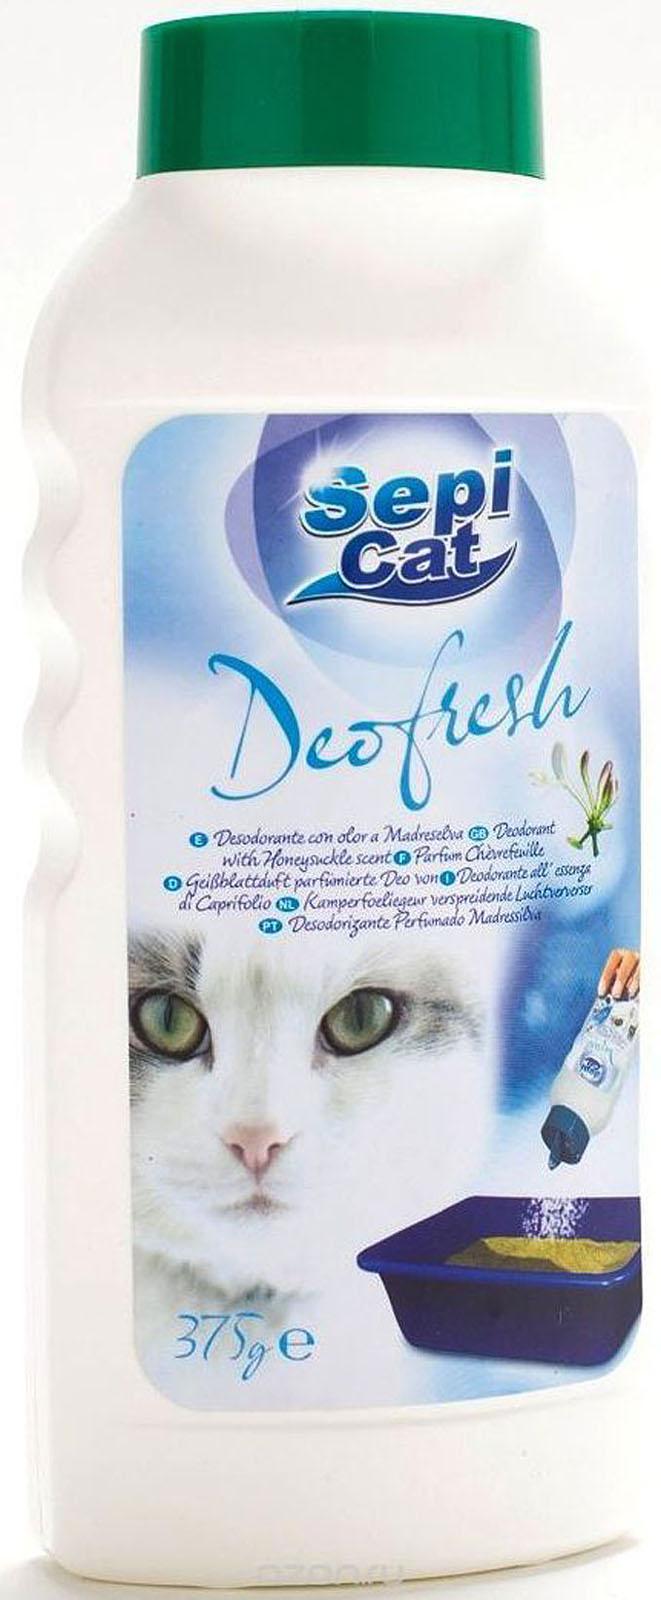 """Сепиолса Сухой уничтожитель запаха (дезодорант) Sepicat Deofresh """"Деофреш"""" для кошачьего туалета, 380 г, Sepiolsa"""